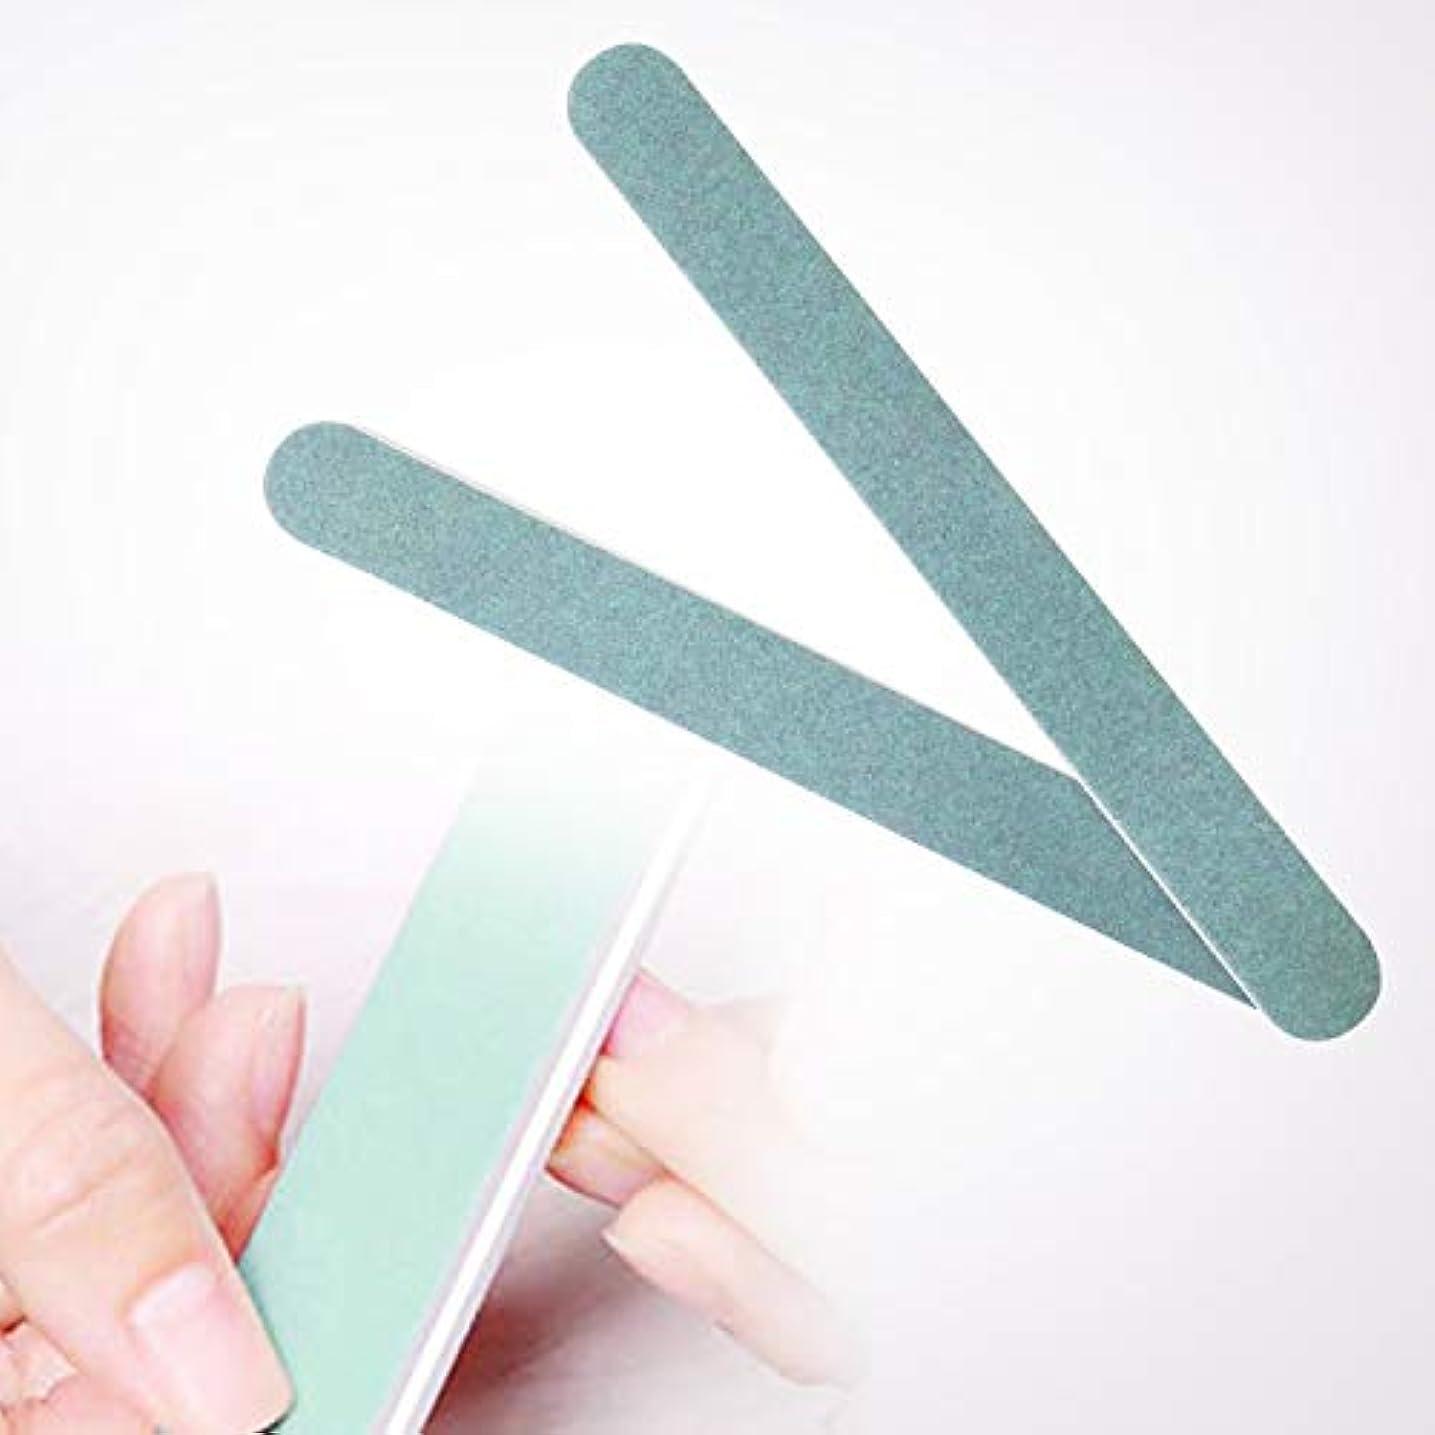 ペレットオークピークurlifeエリコネイル エメリーボード パーフェクトシャイン ネイルをつやつやにするスポンジネイルファイル 両面使えるマニキュアDIYのソフトファイル 爪磨き 爪に優しい爪やすり 2本入